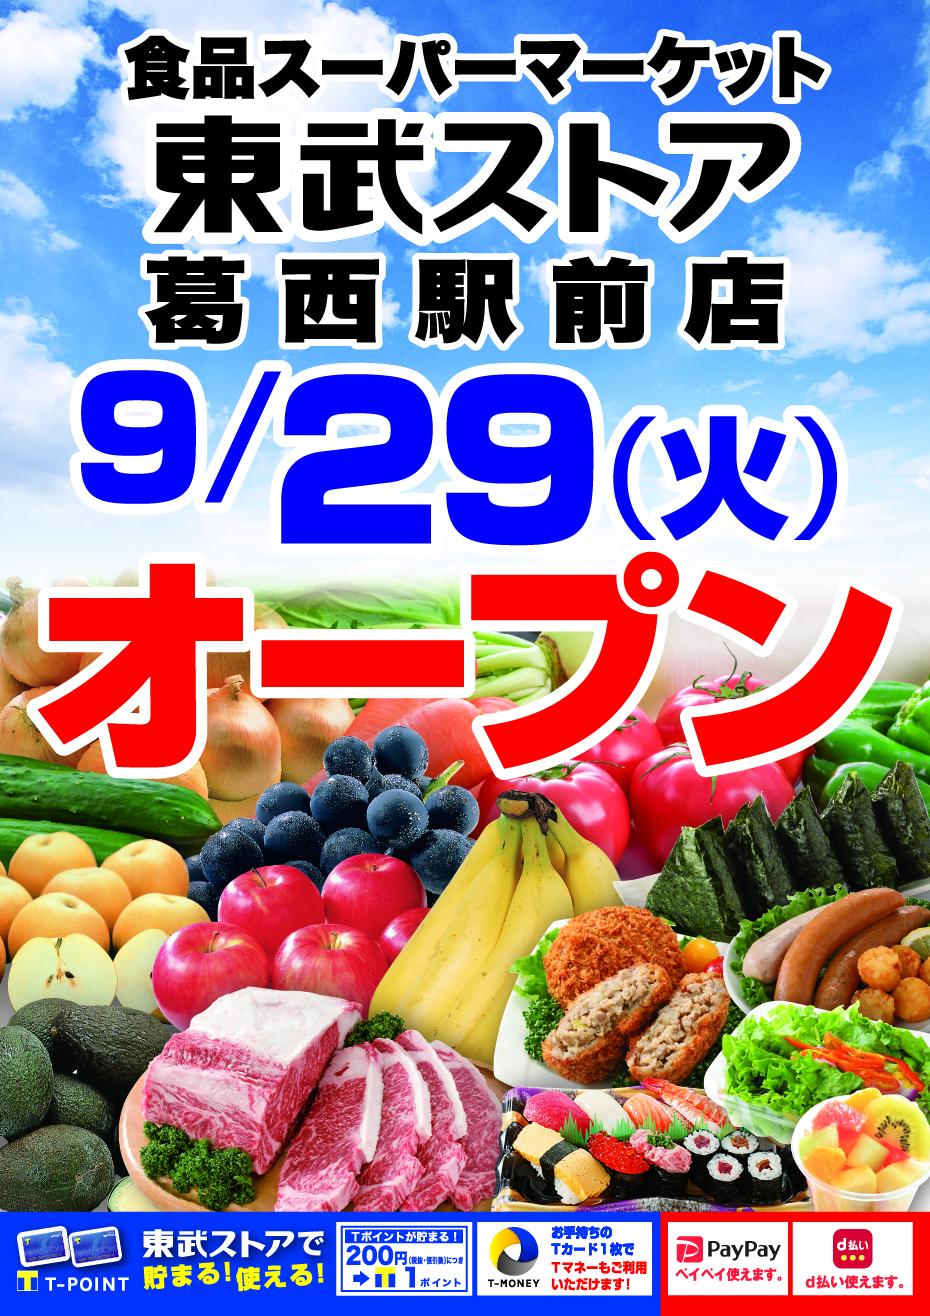 東武ストア   葛西駅前店9/29(火)オープン